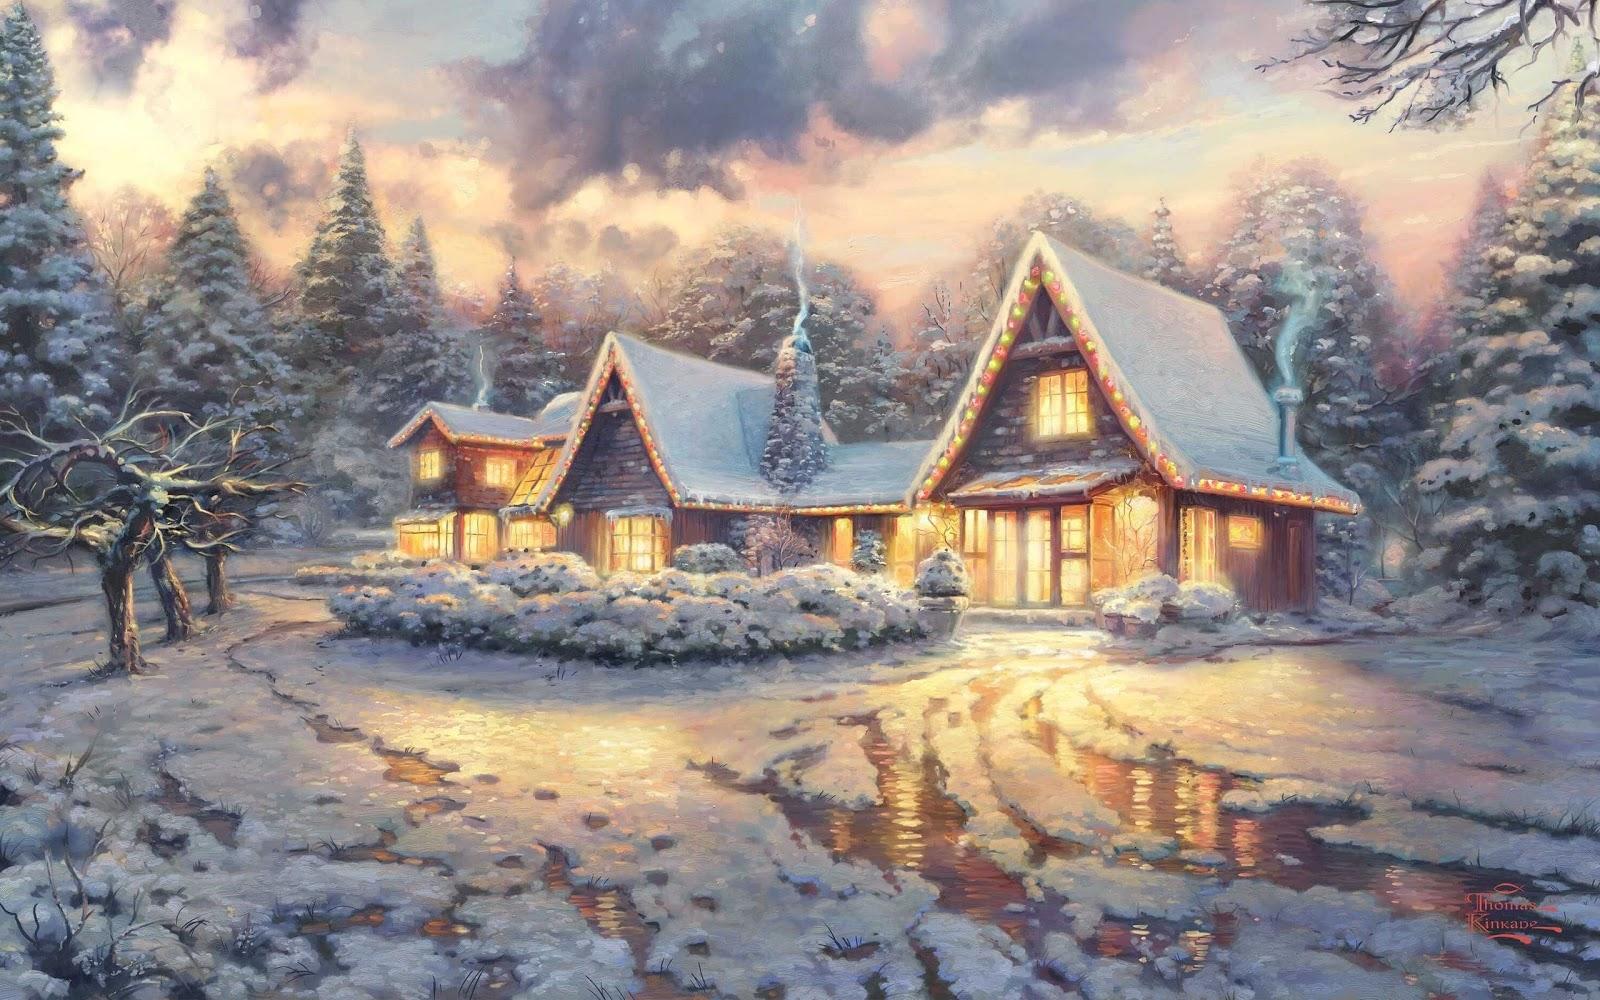 inverno, neve, paesaggio innevato, casa, alberi, bosco